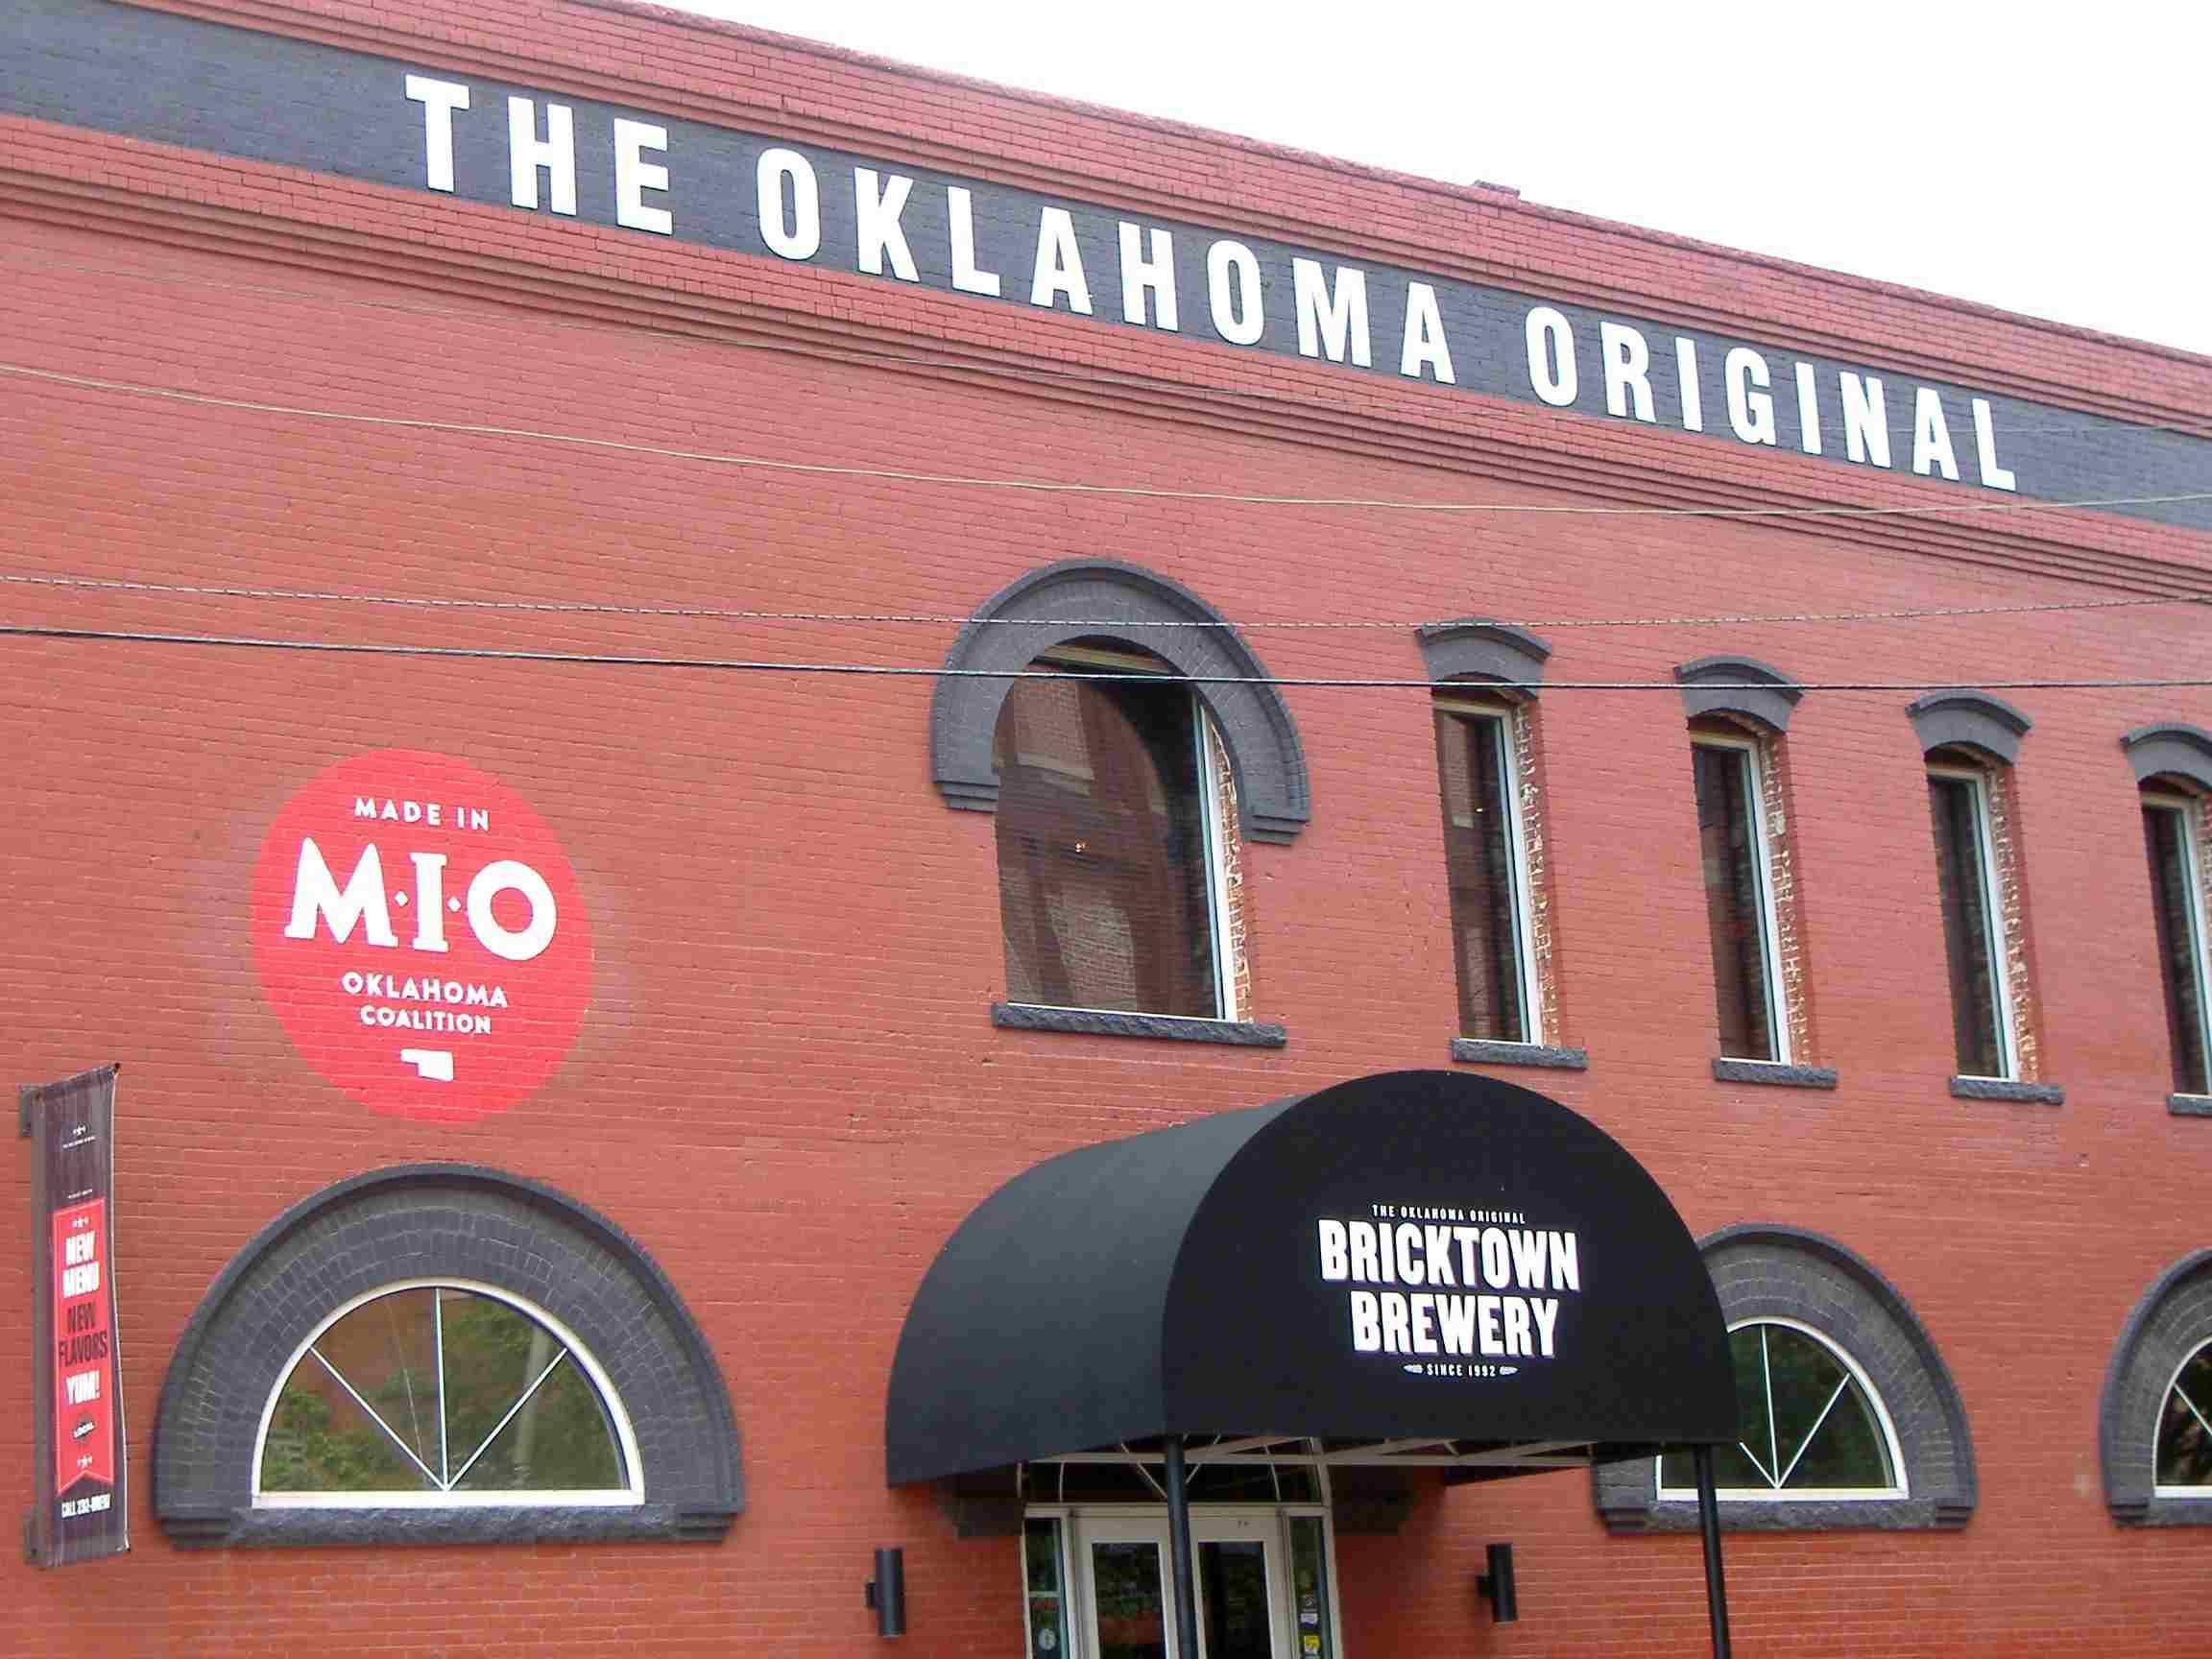 Bricktown Brewery Okc